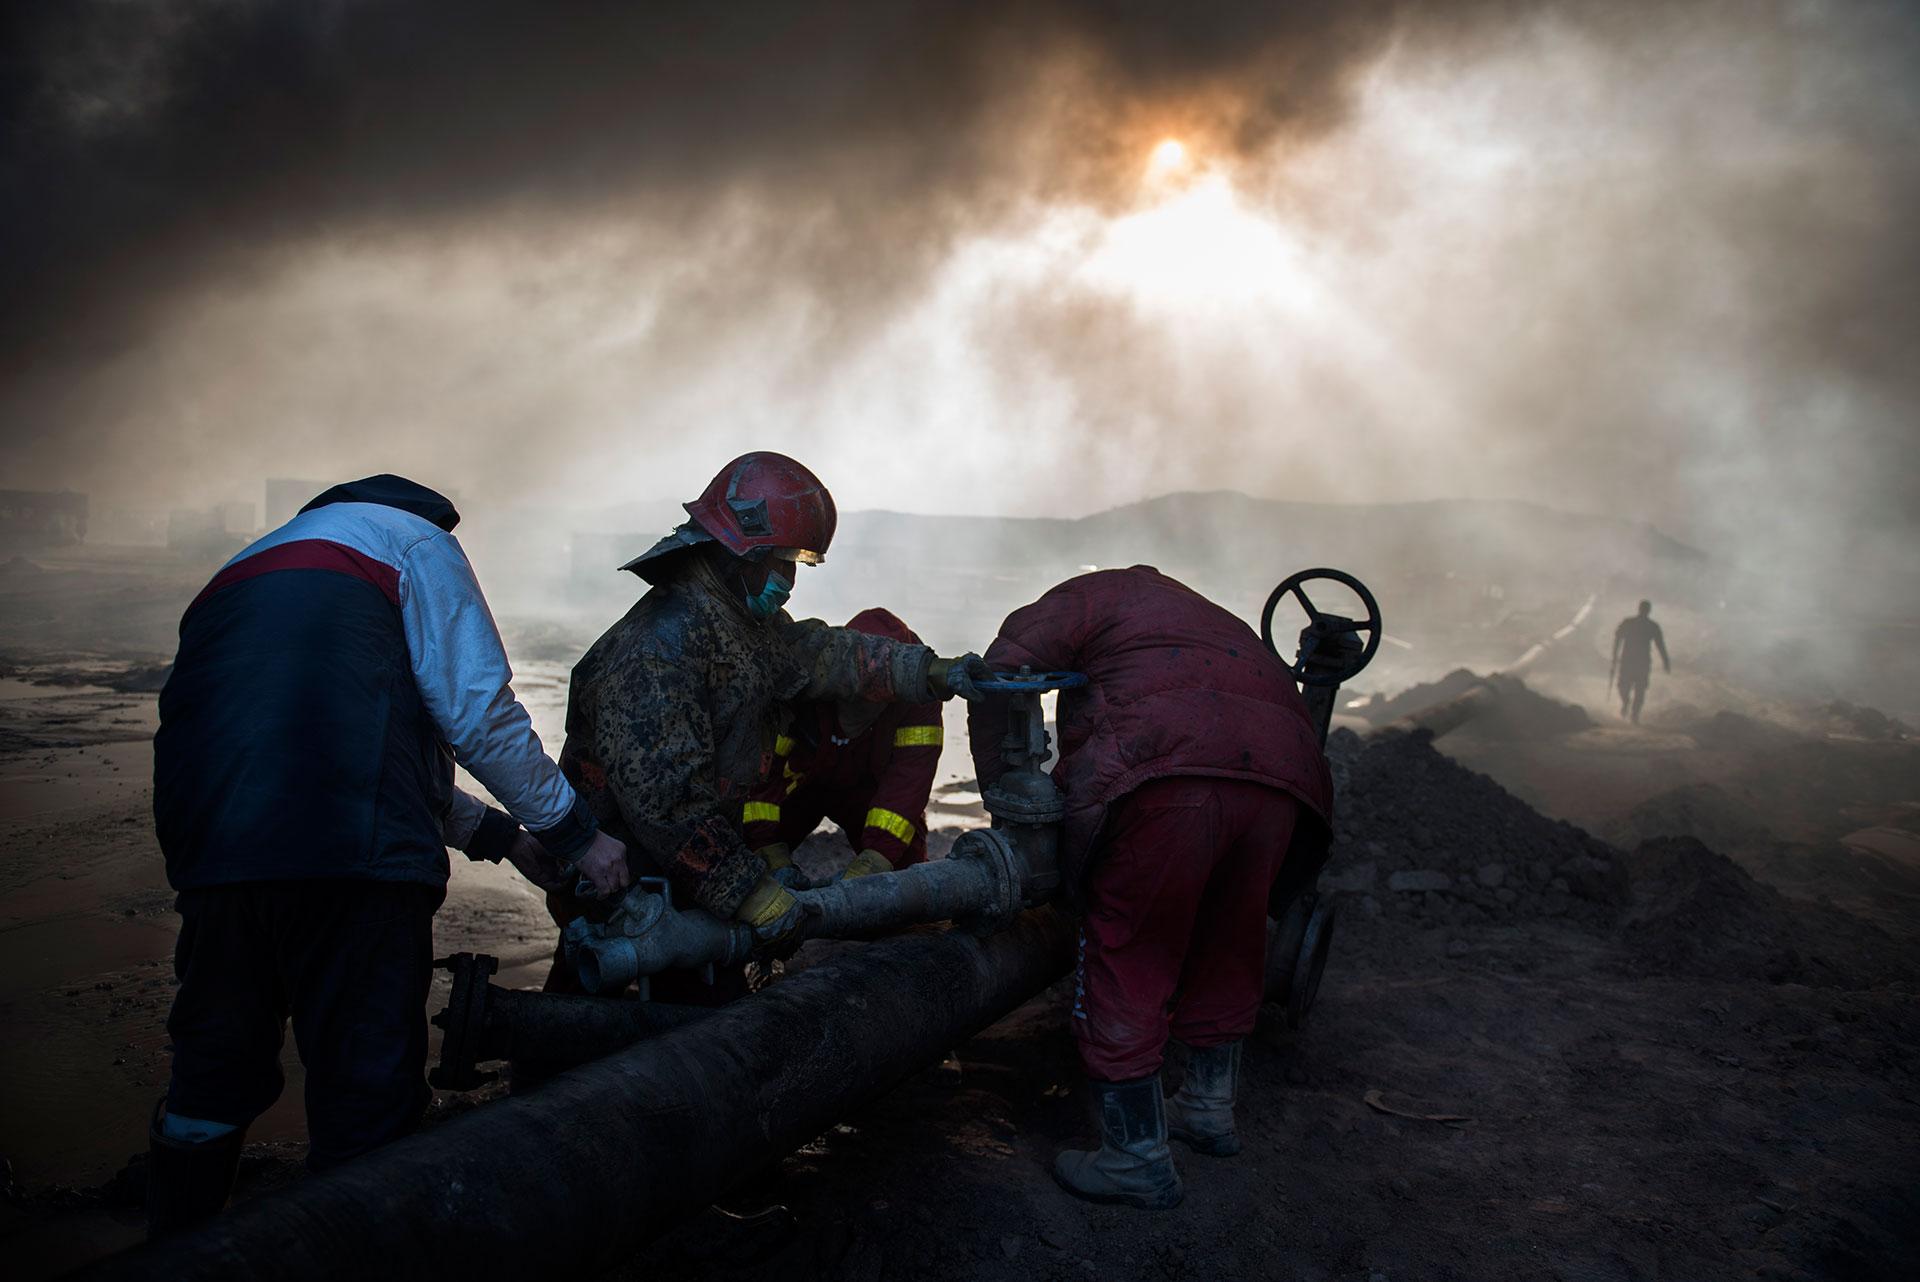 Los bomberos, con cascos rojos y máscaras, tratan de extinguir el fuego en los pozos de petroleo incendiados (AFP)